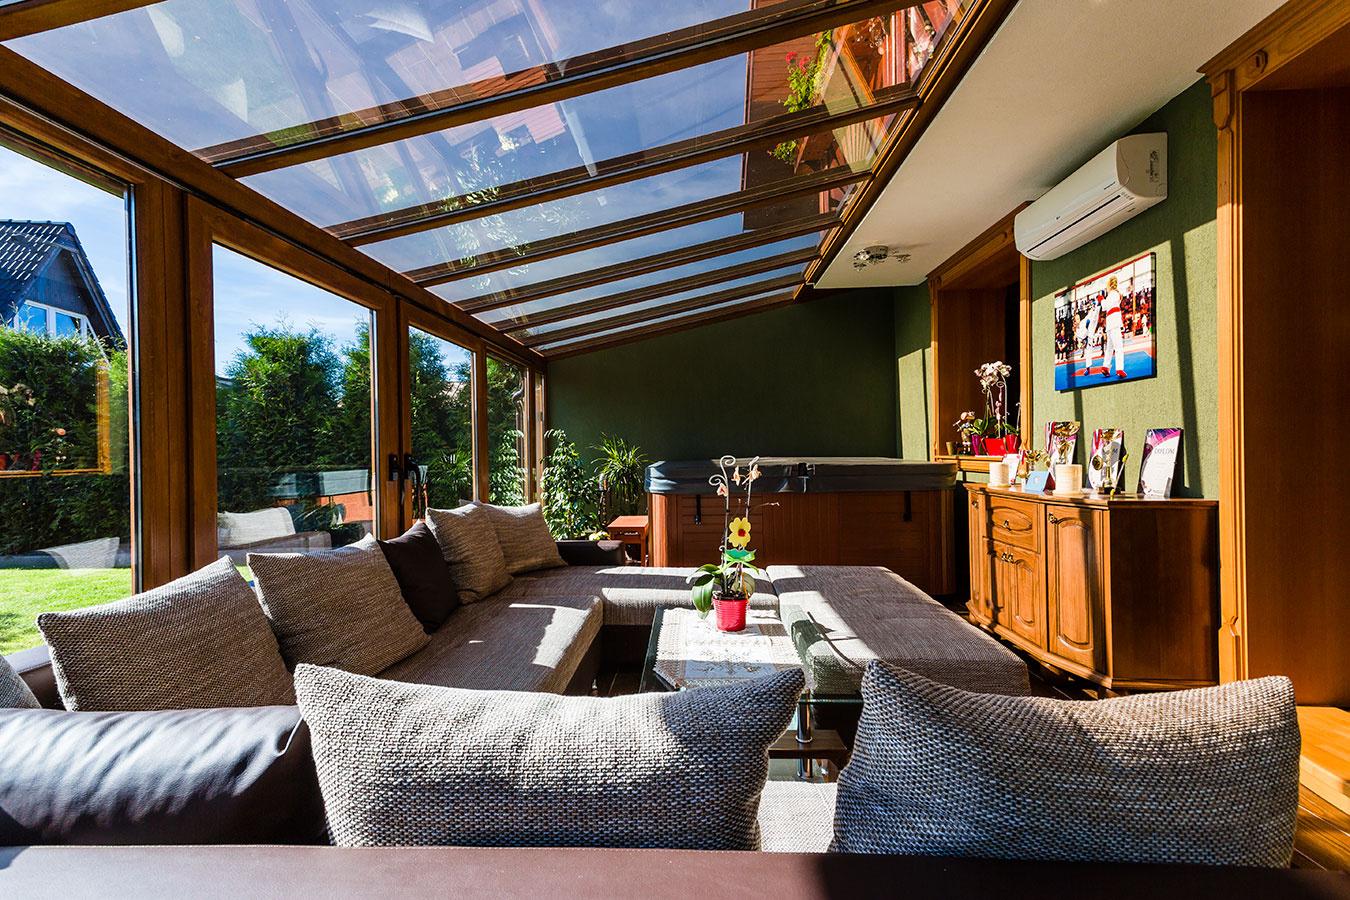 Zimná záhrada vĽubici je príjemným miestom na rodinné stretnutia za slnečných dní, ale aj pod nočnou oblohou. Na jej stavbu sa použili PVC profily zo systému InouticArcade, realizovala ju spoločnosť Štefan Kroták, VENTANA SK